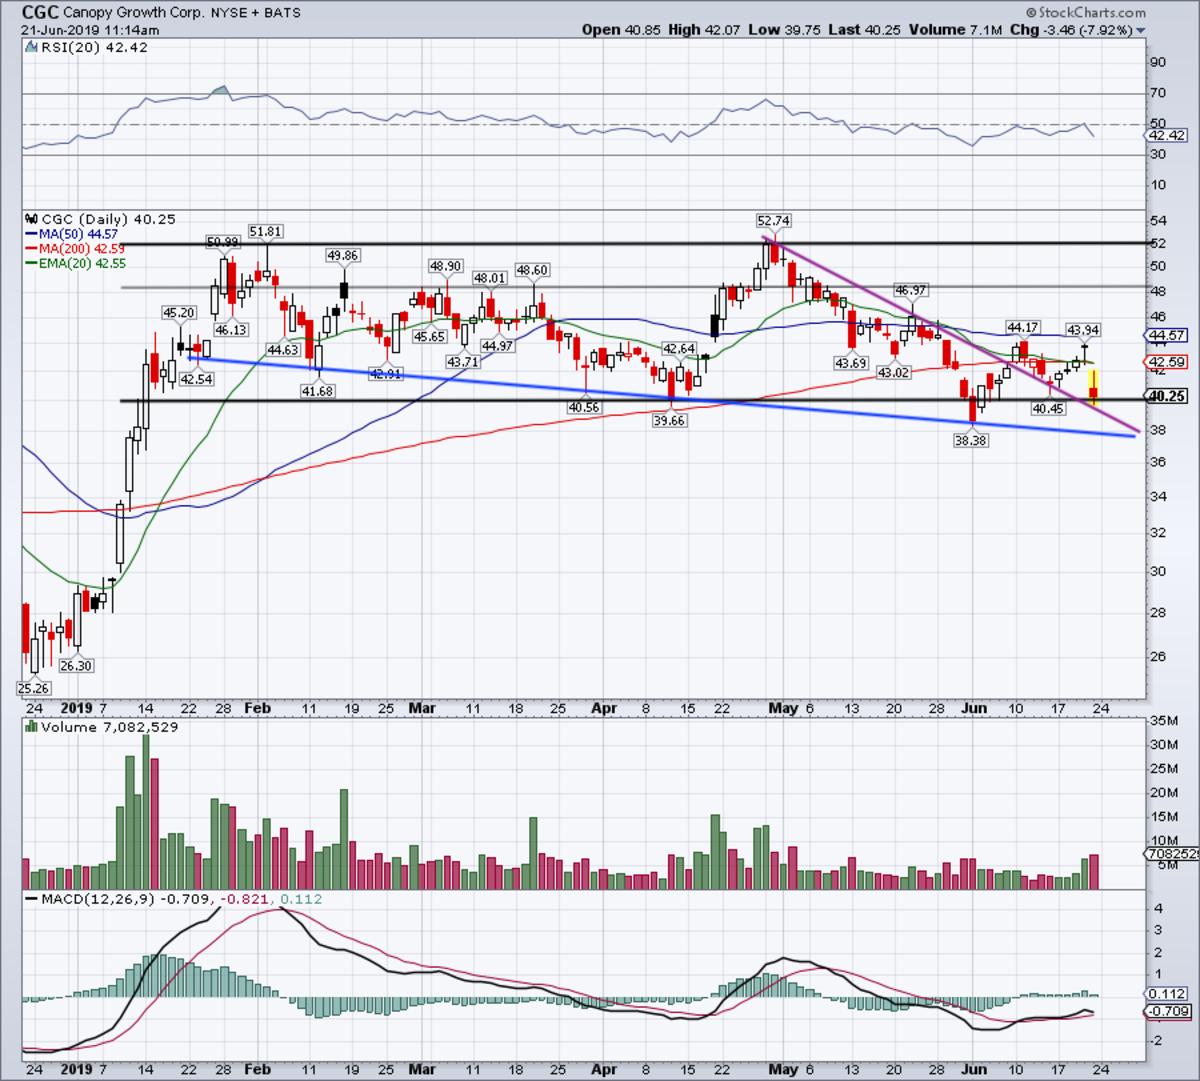 Daily chart of CGC stock.